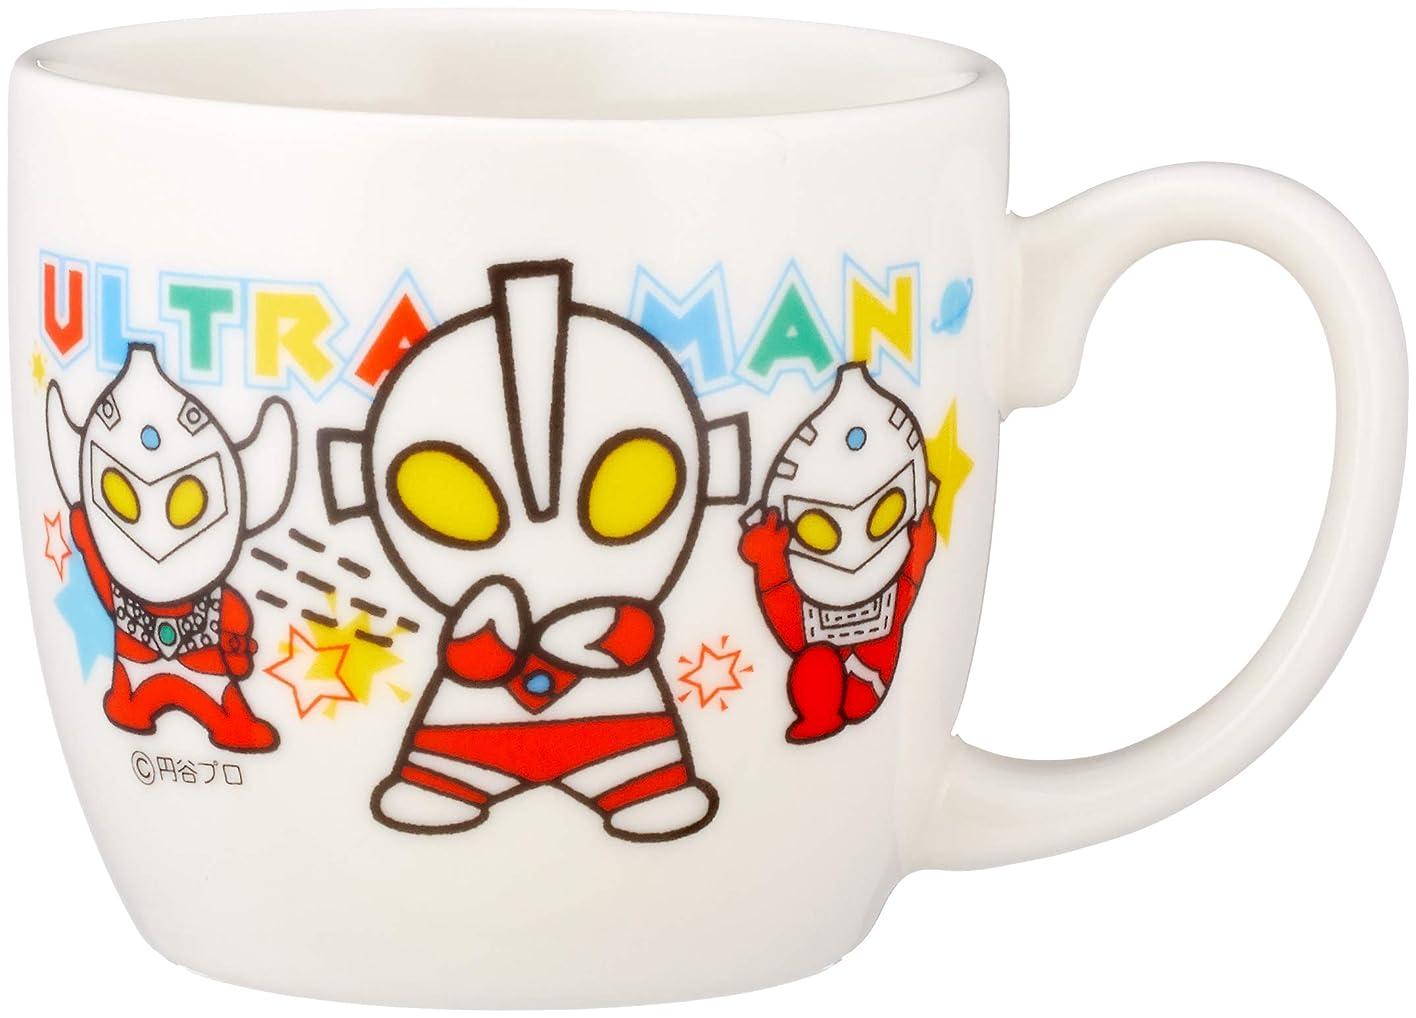 充実トリッキーシリアル「 ウルトラマン 」 マグカップ(丸形) 140g 子供用 食器 白 058304